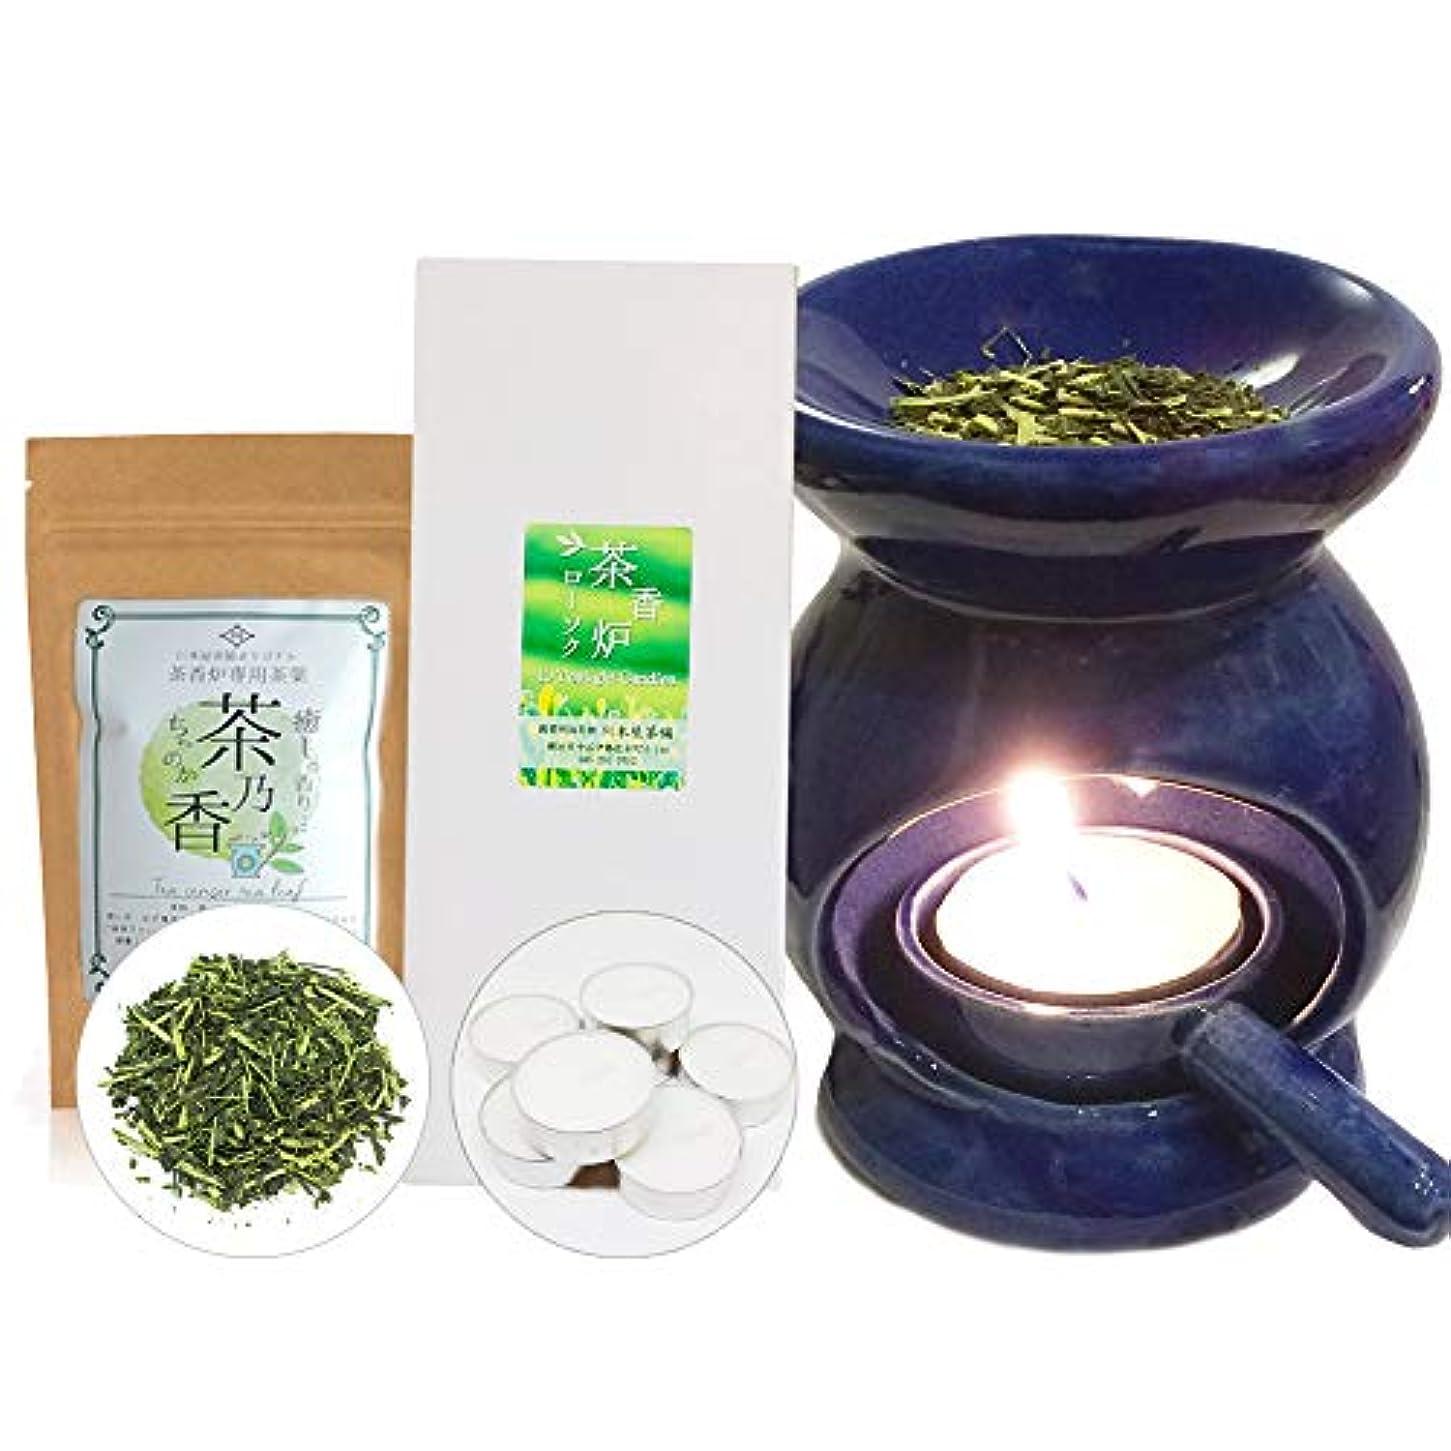 言い訳勇敢なマラドロイト川本屋茶舗 はじめての茶香炉セット (茶香炉専用茶葉?ローソク付) 届いてすぐ始められる?